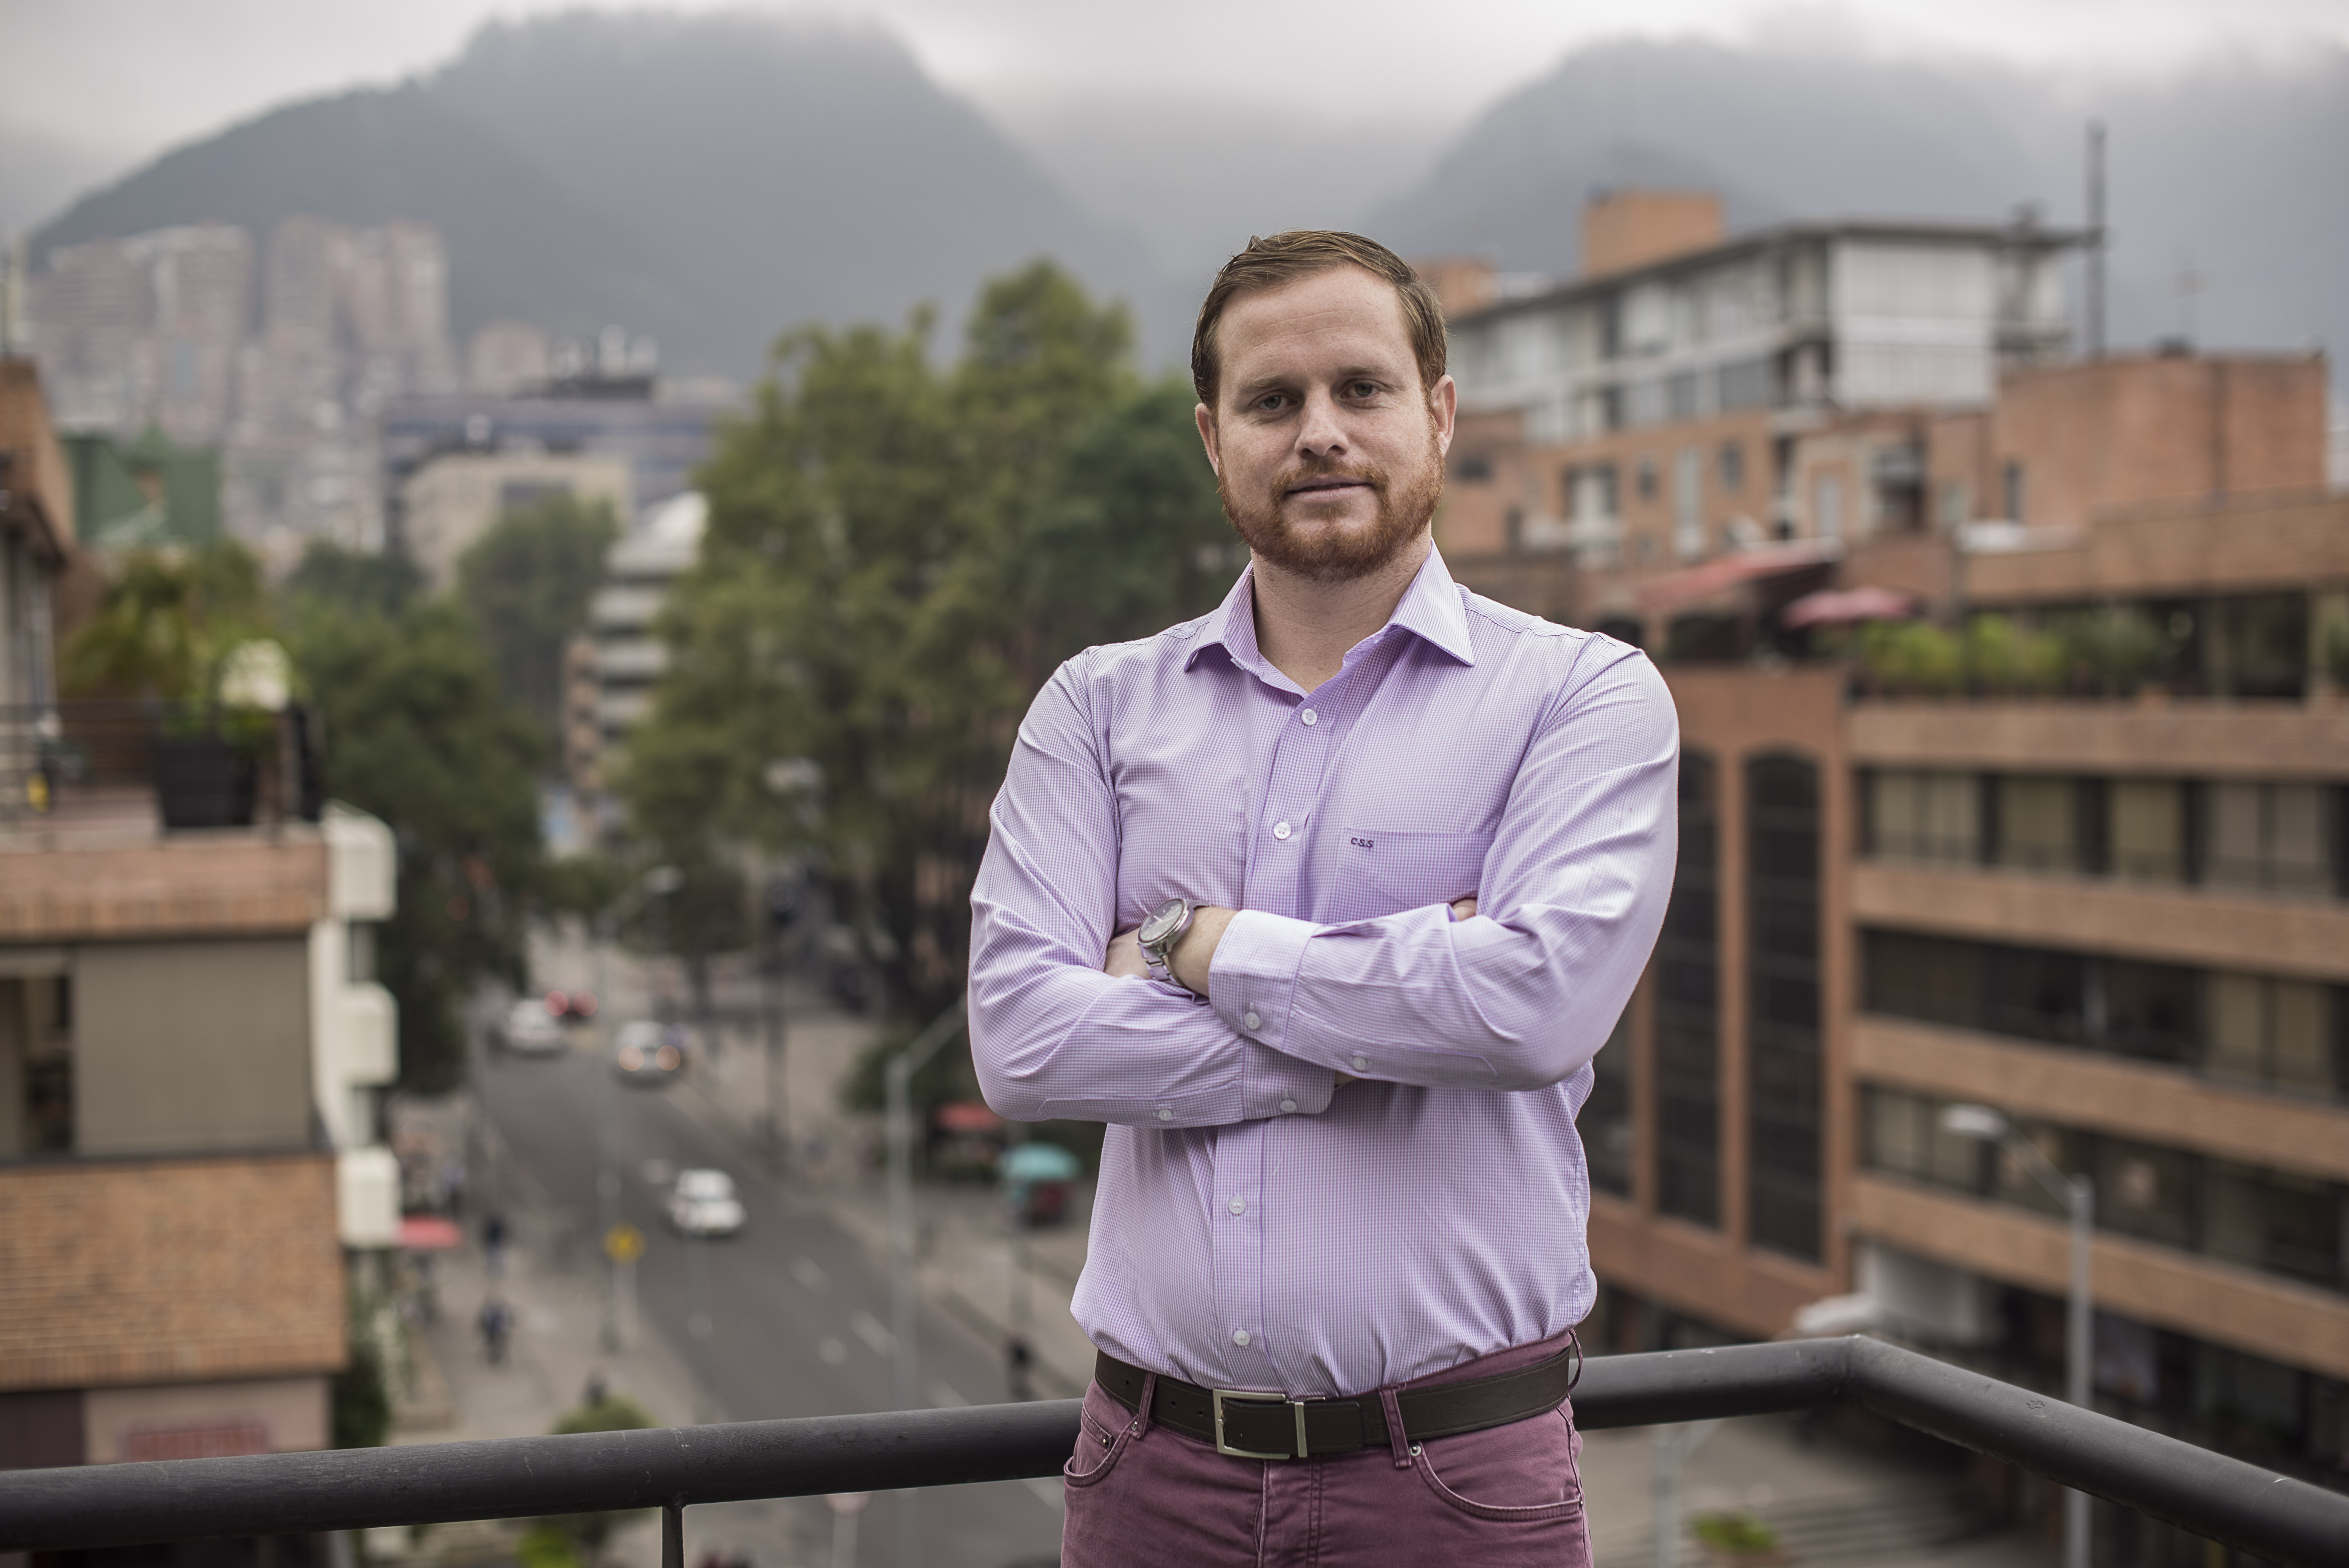 Taxismo: 2,9 billones de pesos informales que no son controlados